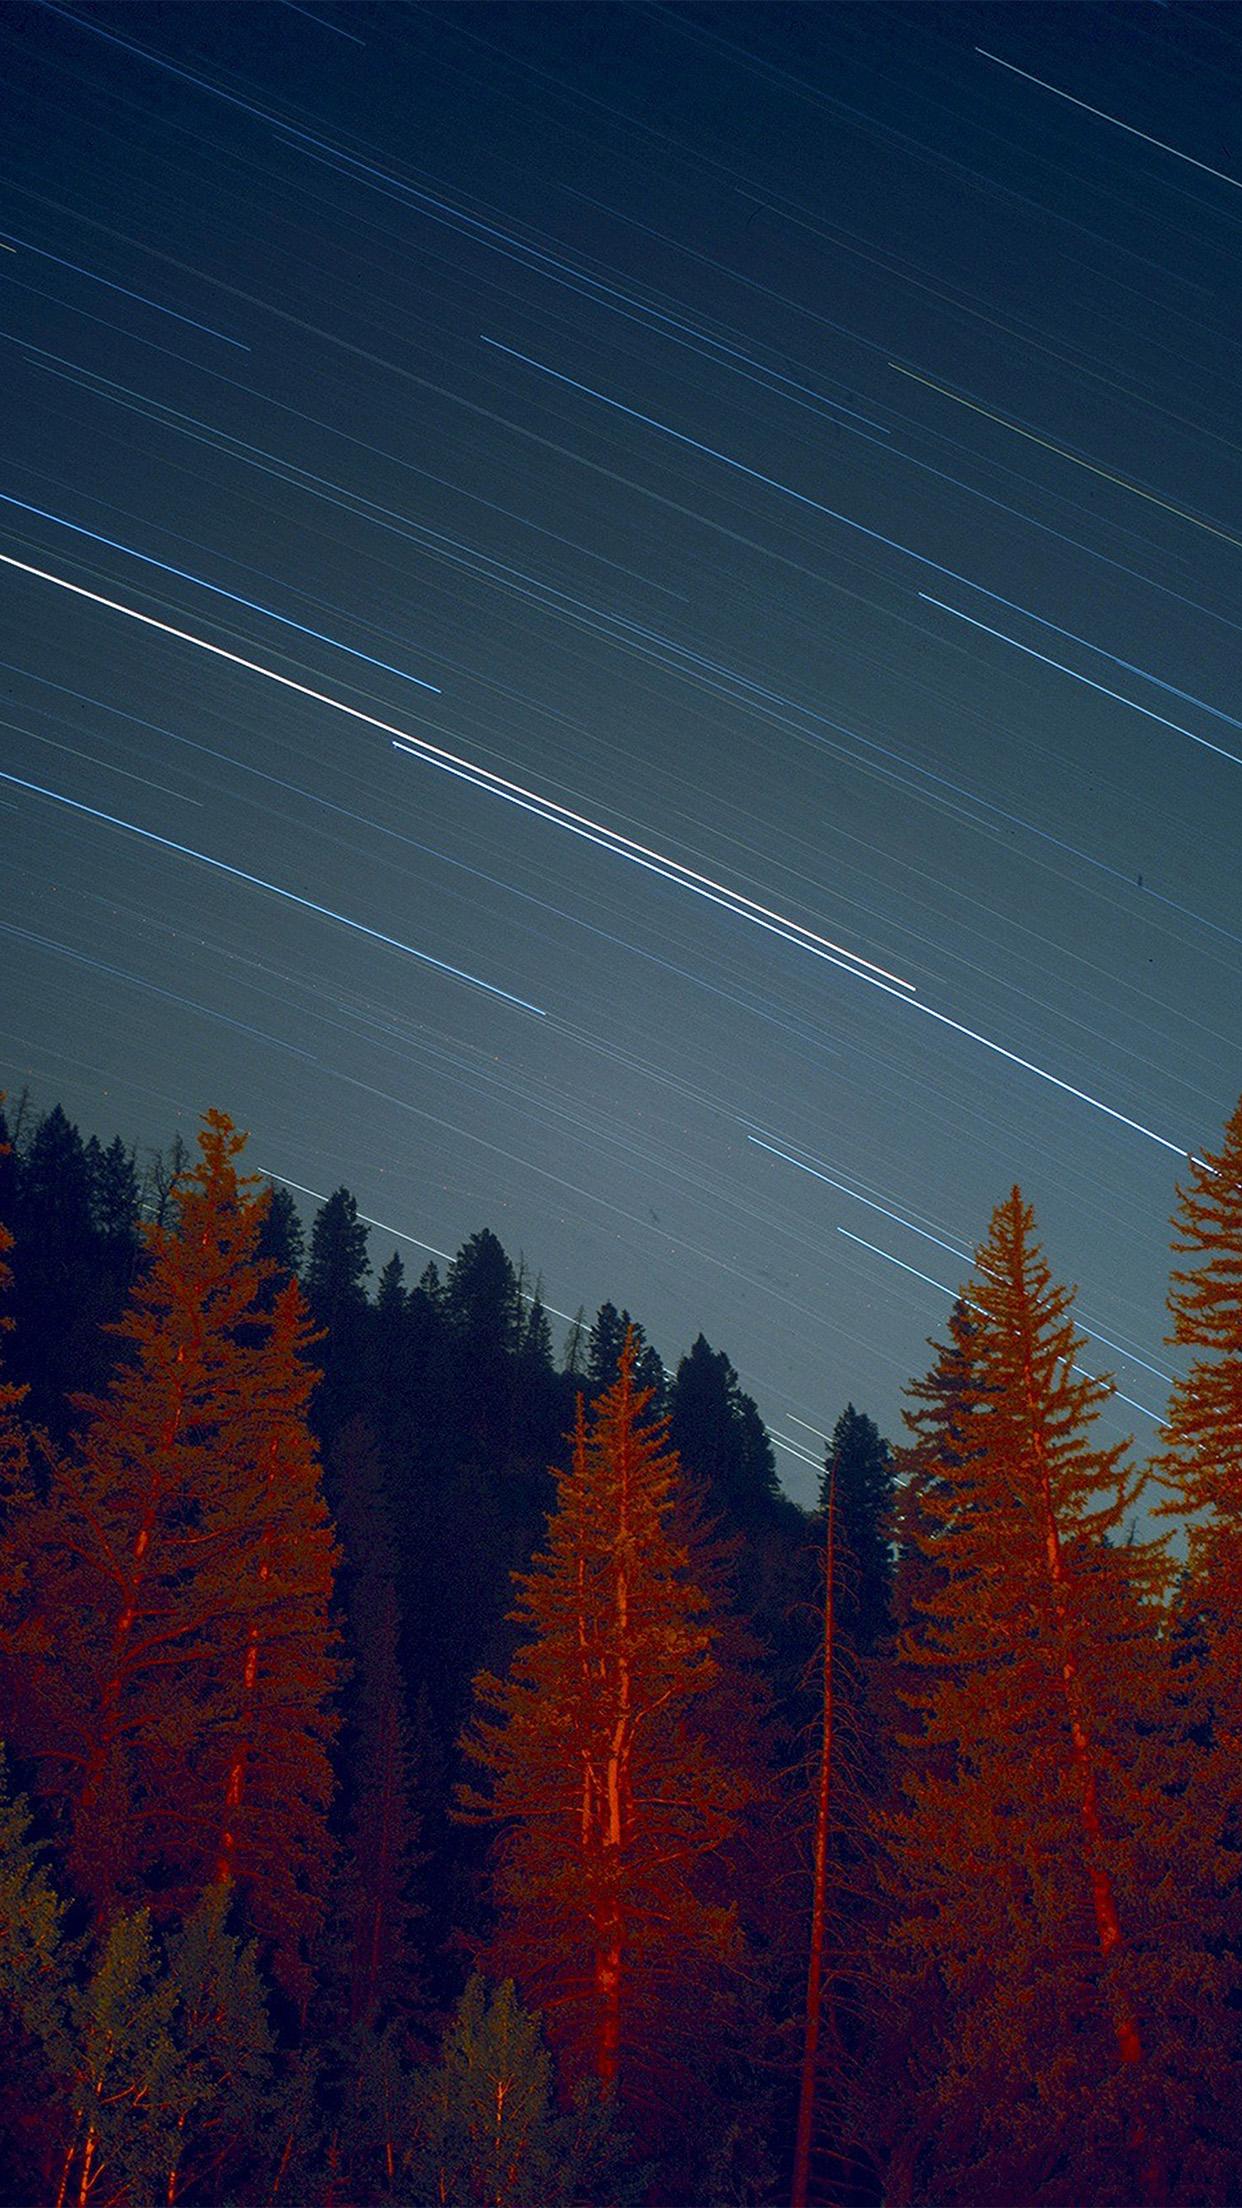 Ng80 Night Wood Mountain Star Sky Nature Wallpaper